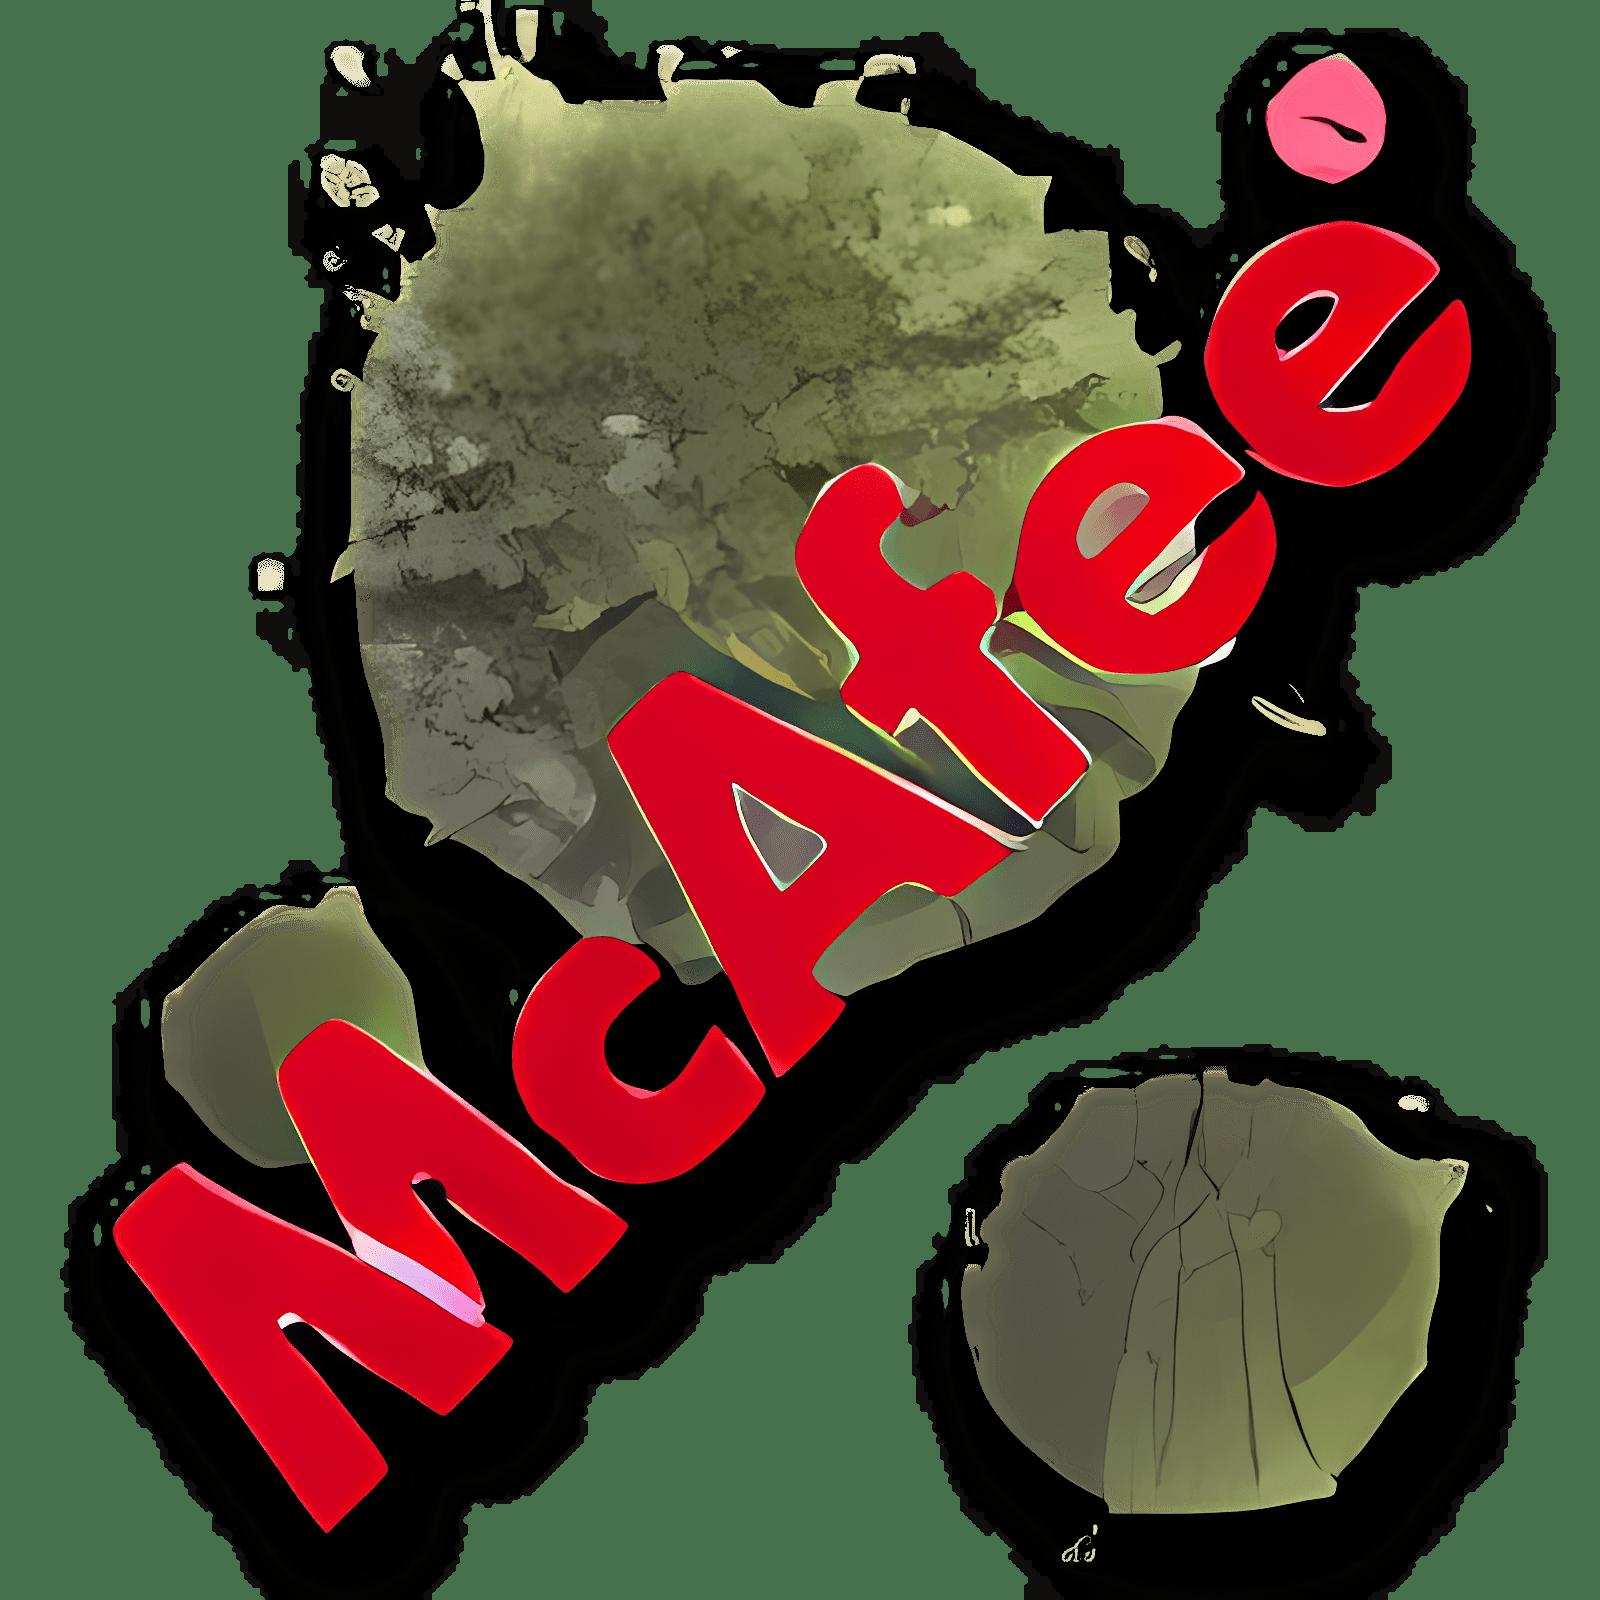 McAfee VirusScan 9.2